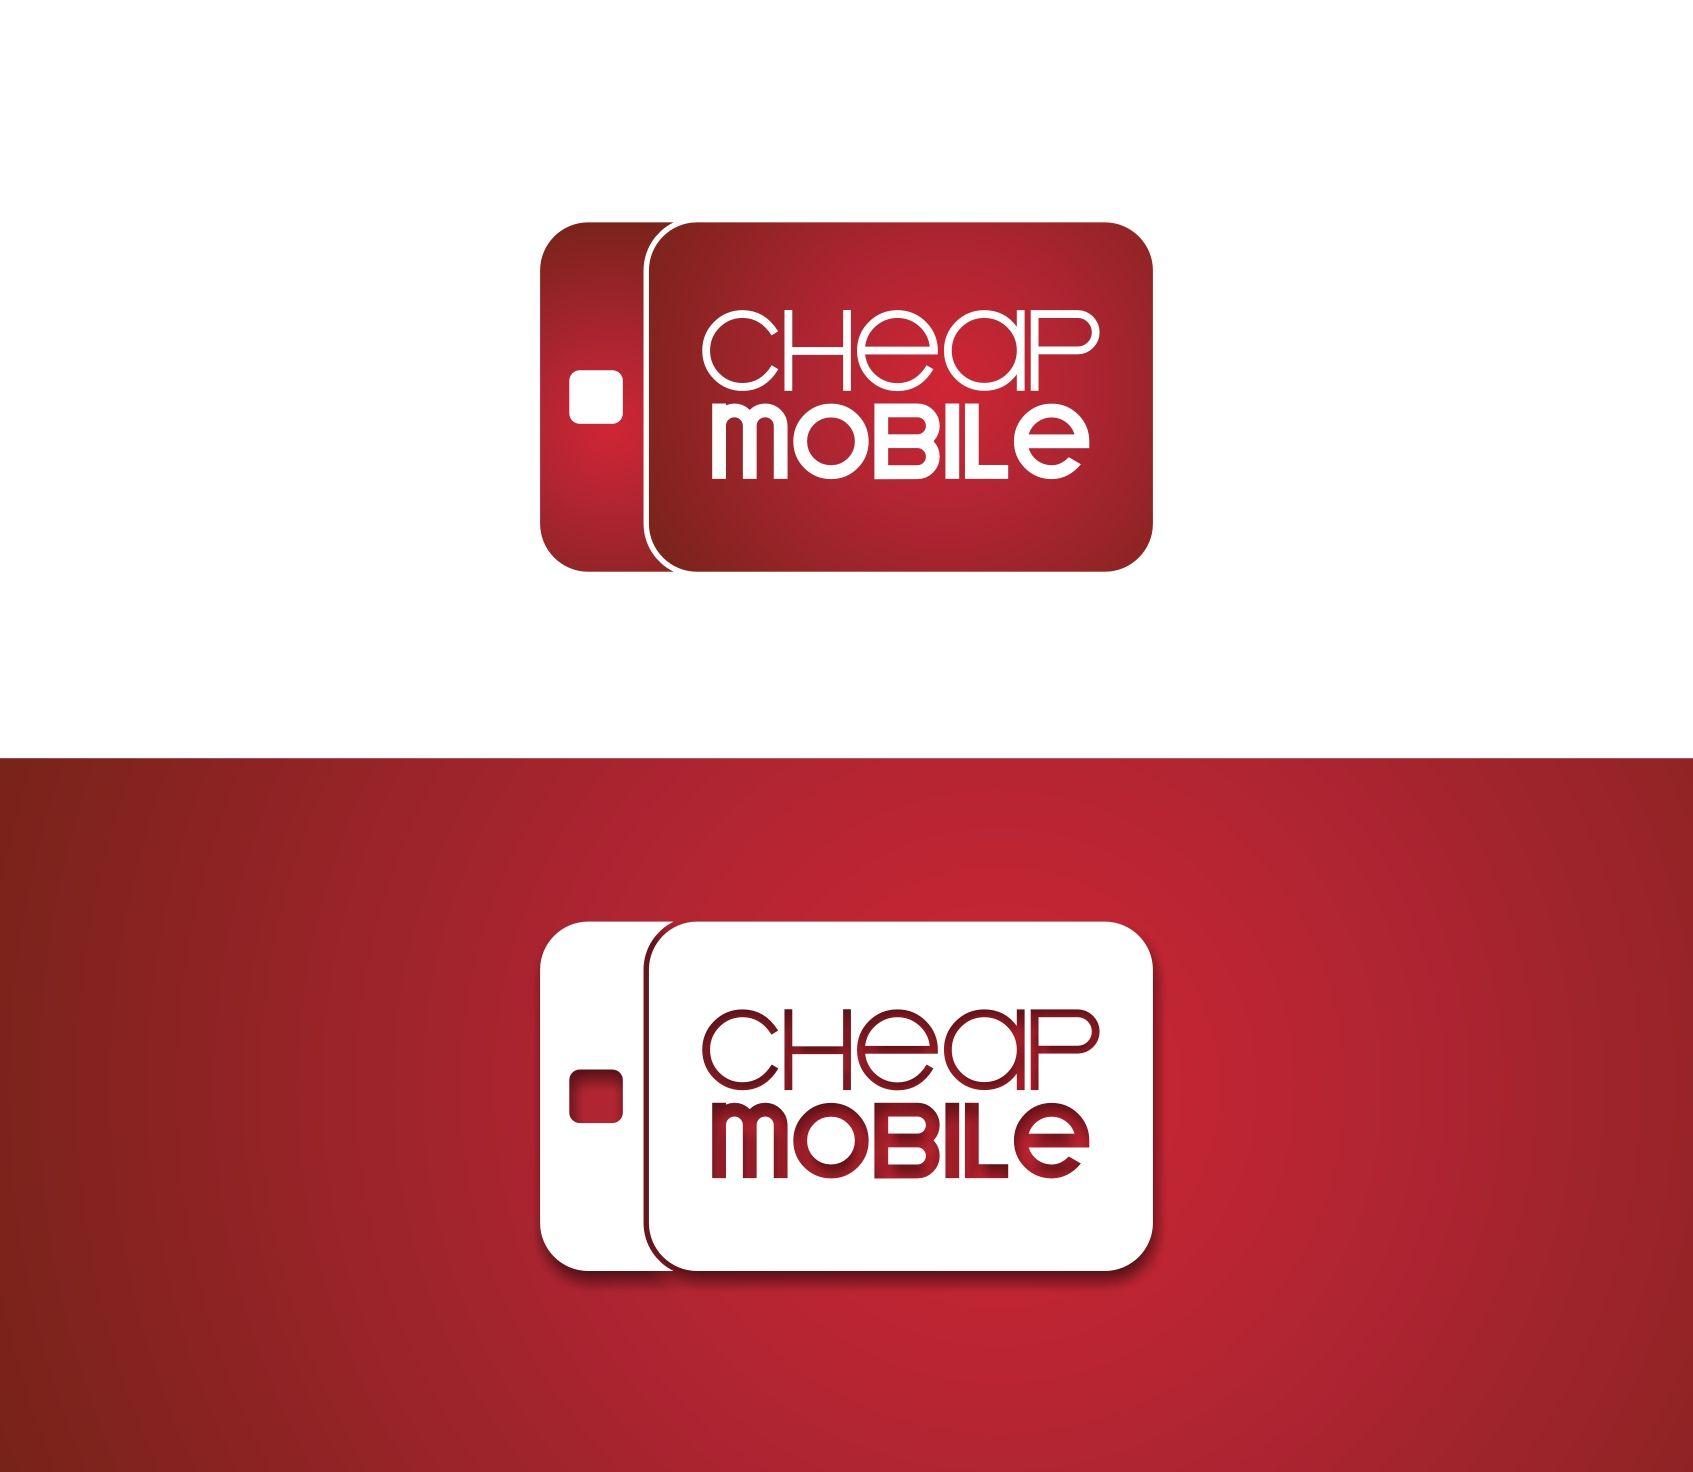 Лого и фирменный стиль для ИМ (Мобильные телефоны) - дизайнер aikam